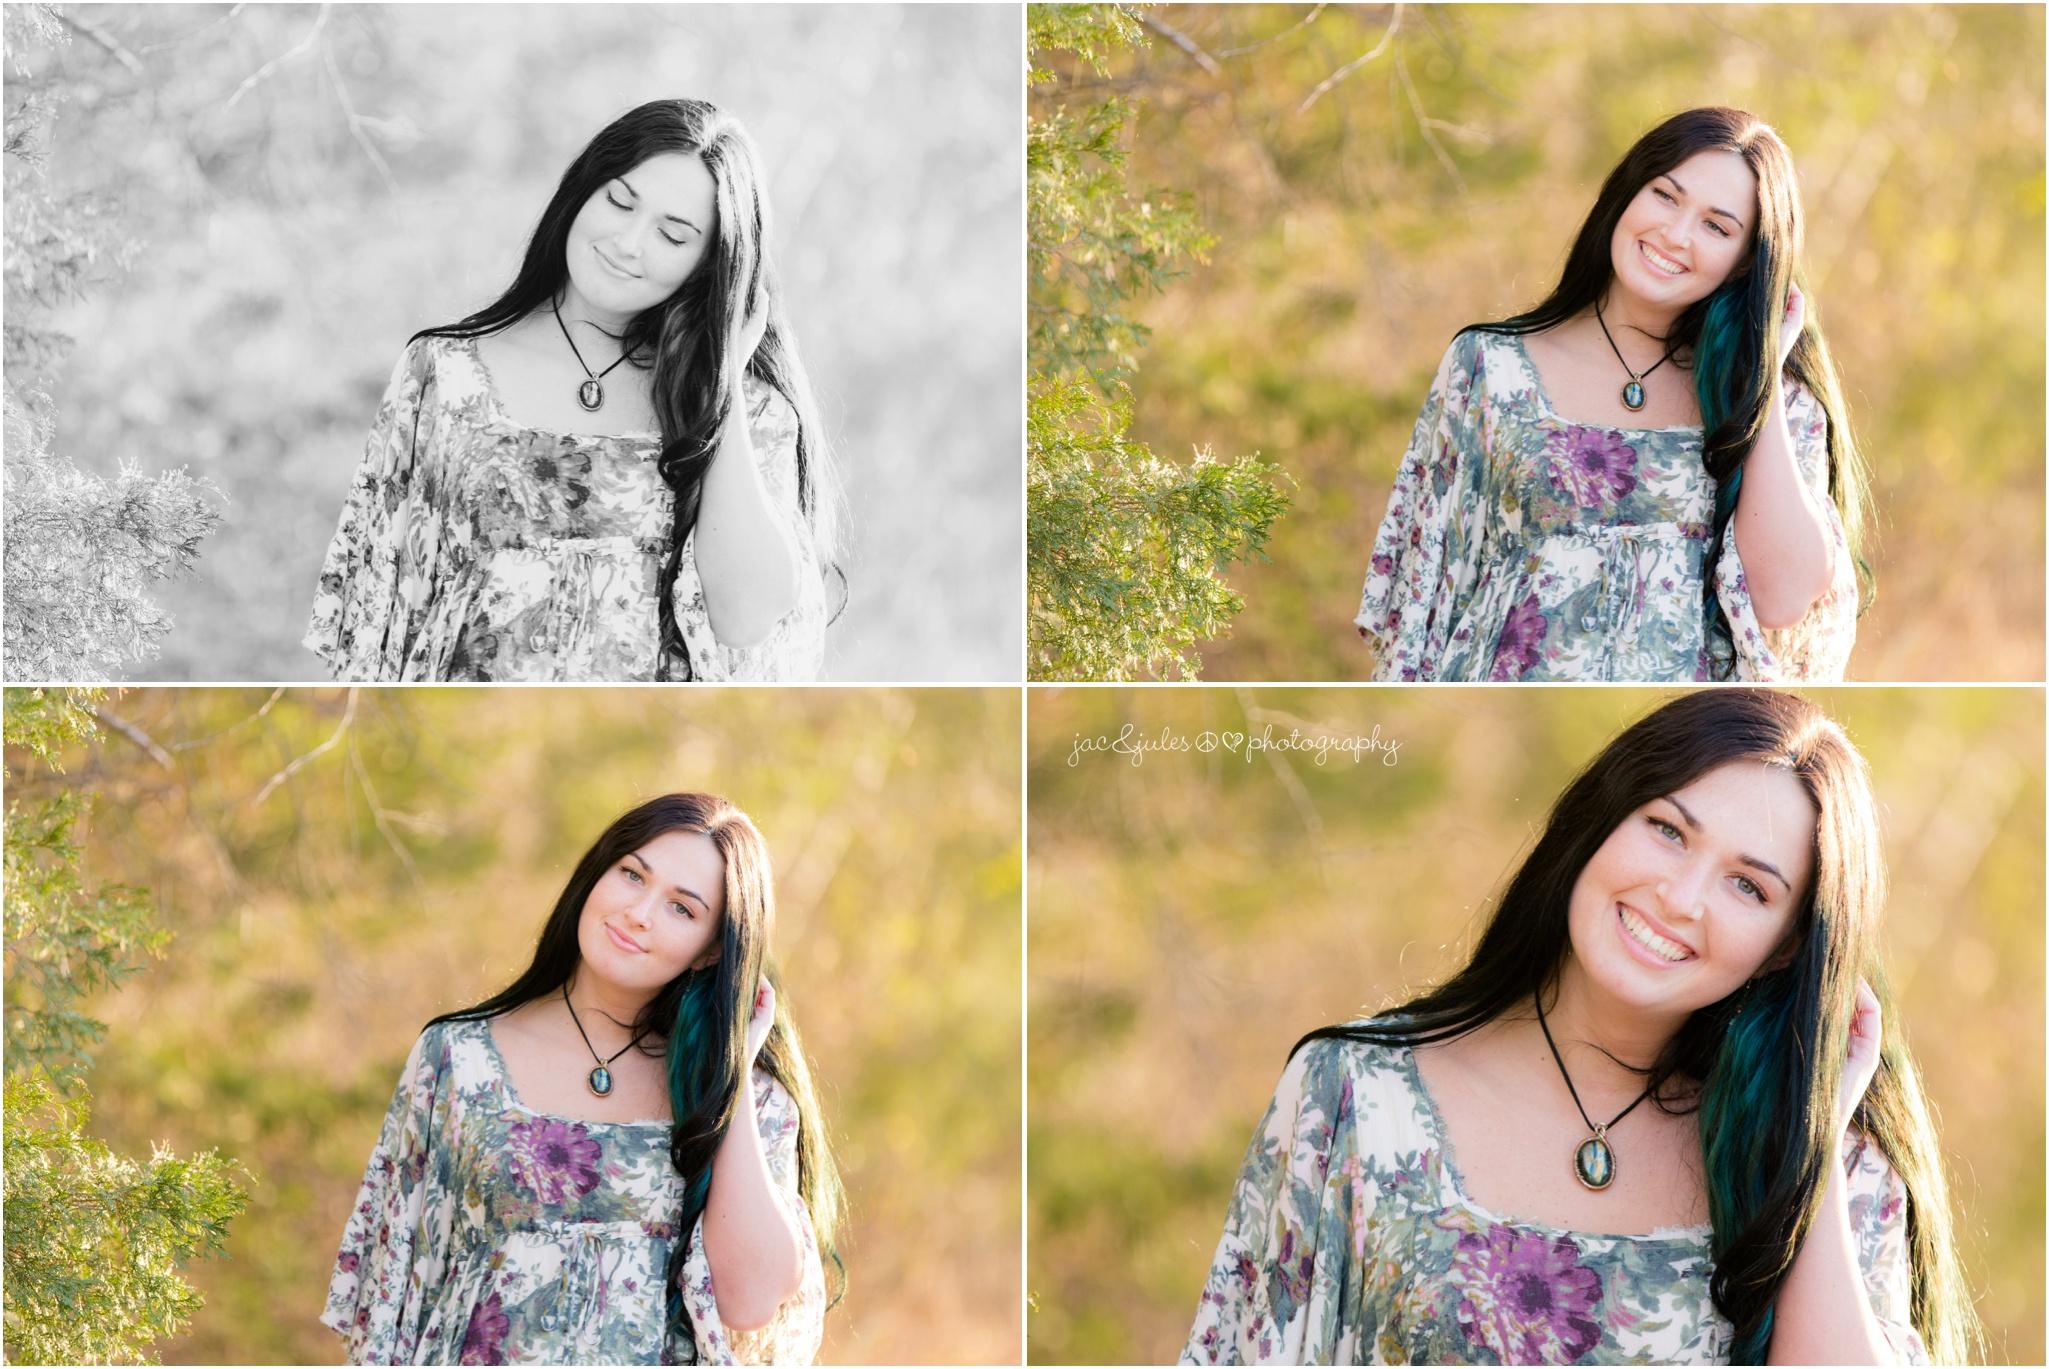 pretty outdoor senior photos